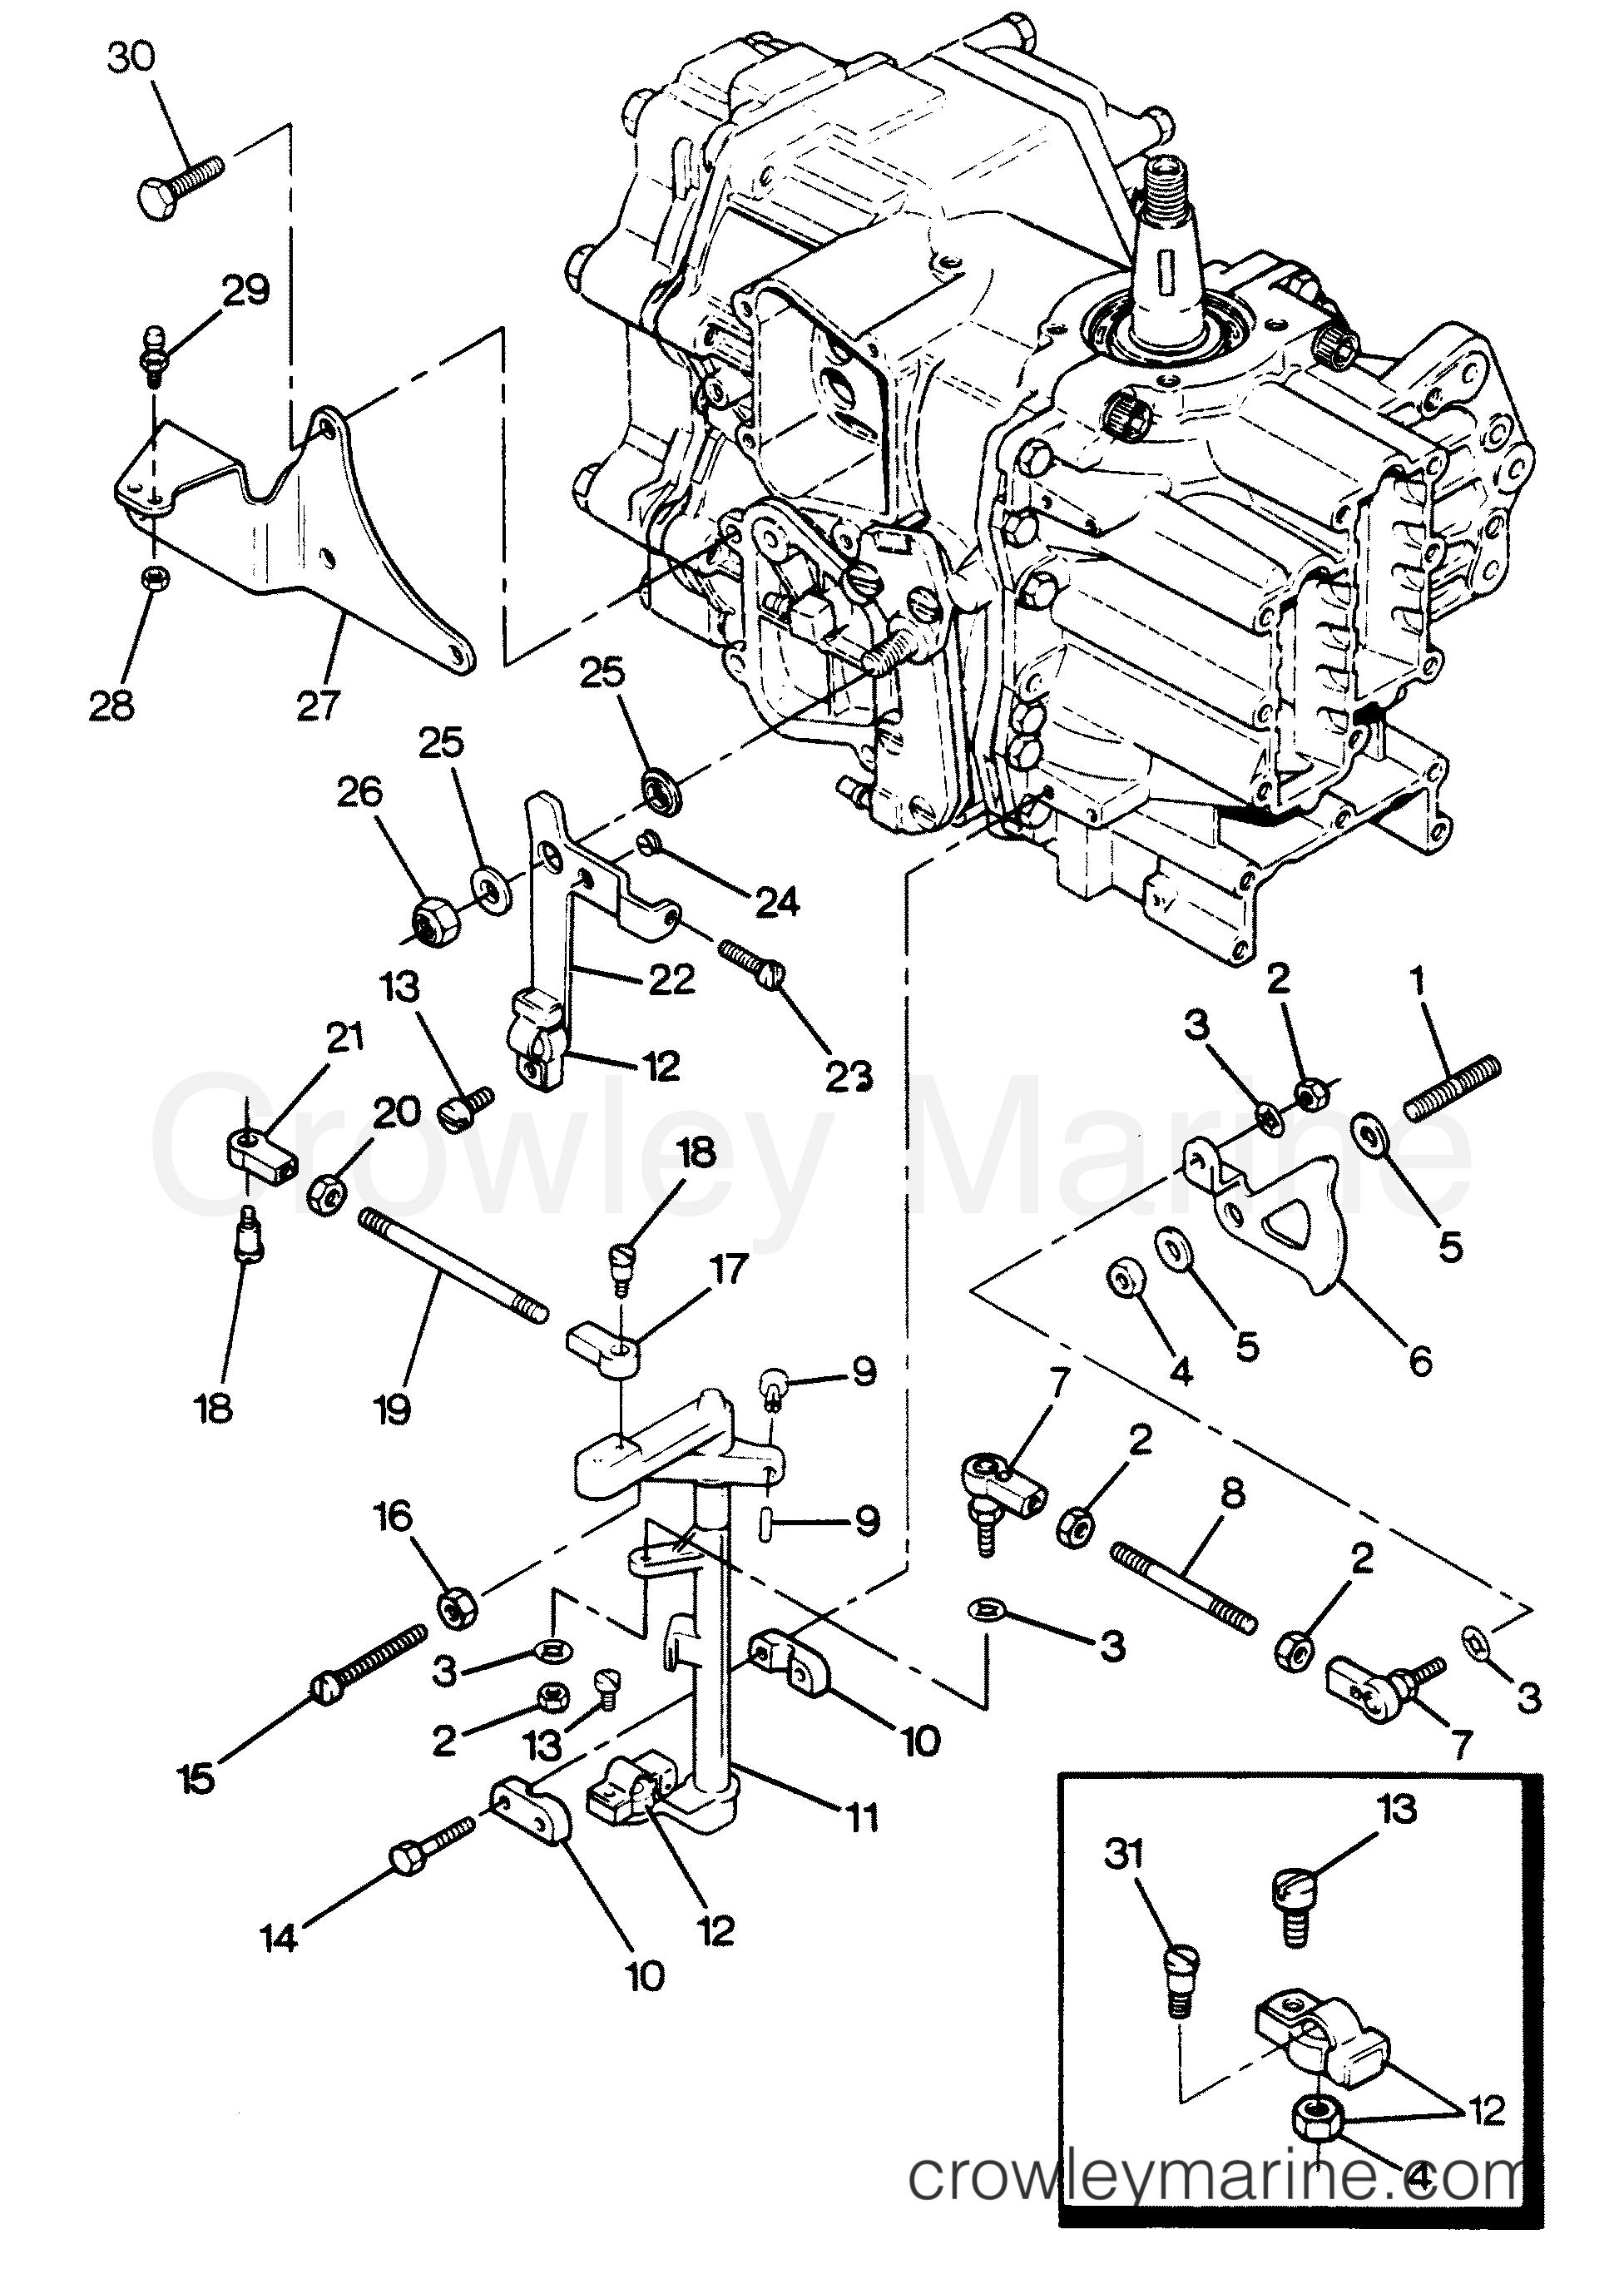 1988 Hors-bord Force 50 - 507X8B [Force] - LIAISONS DE CHANGEMENT ET D'ACCÉLÉRATEUR section